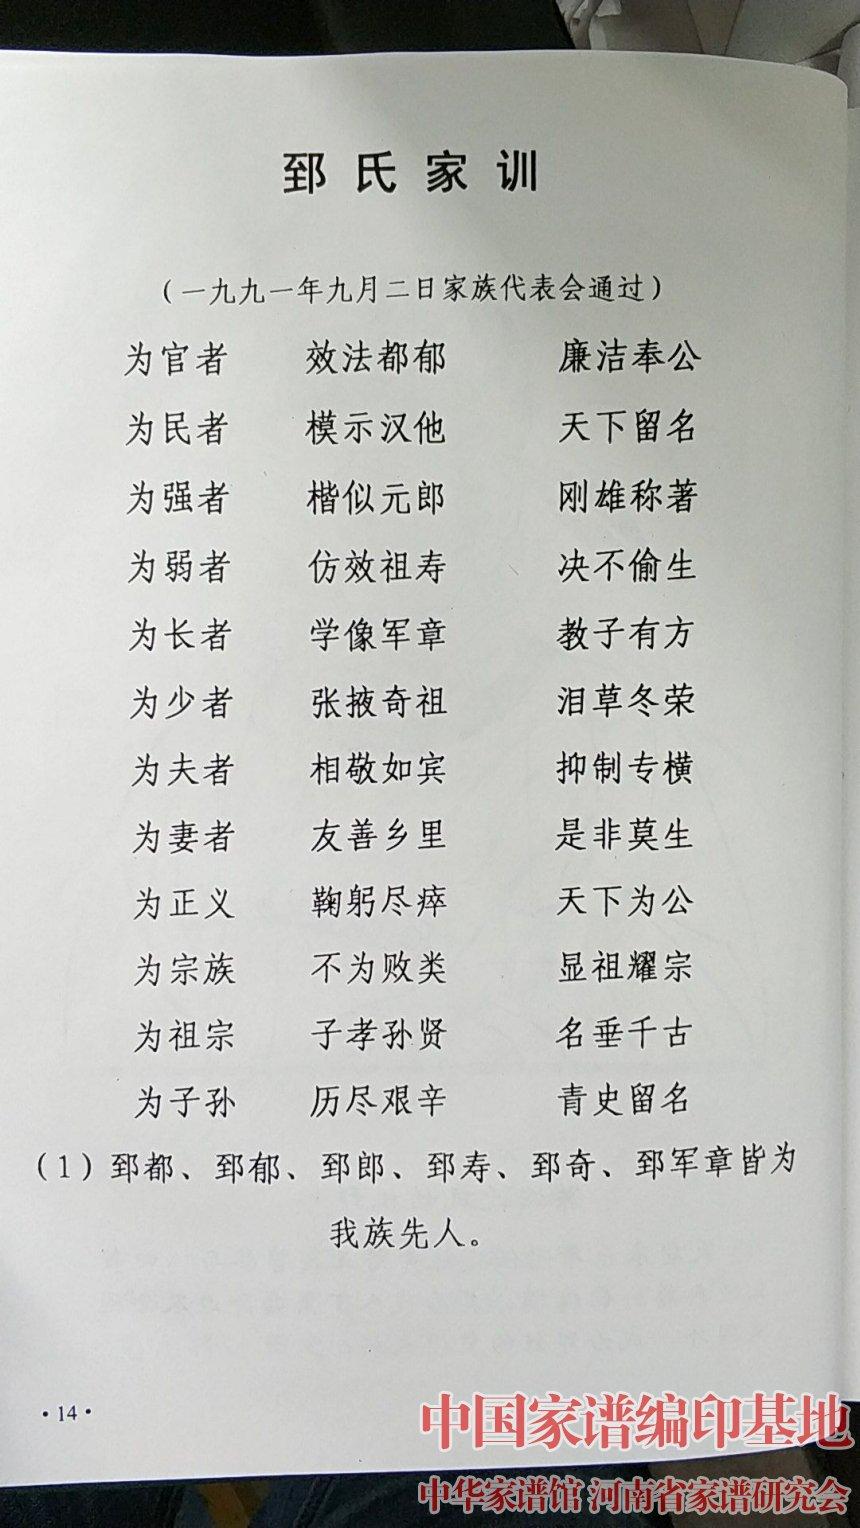 中华郅氏家训图.jpg